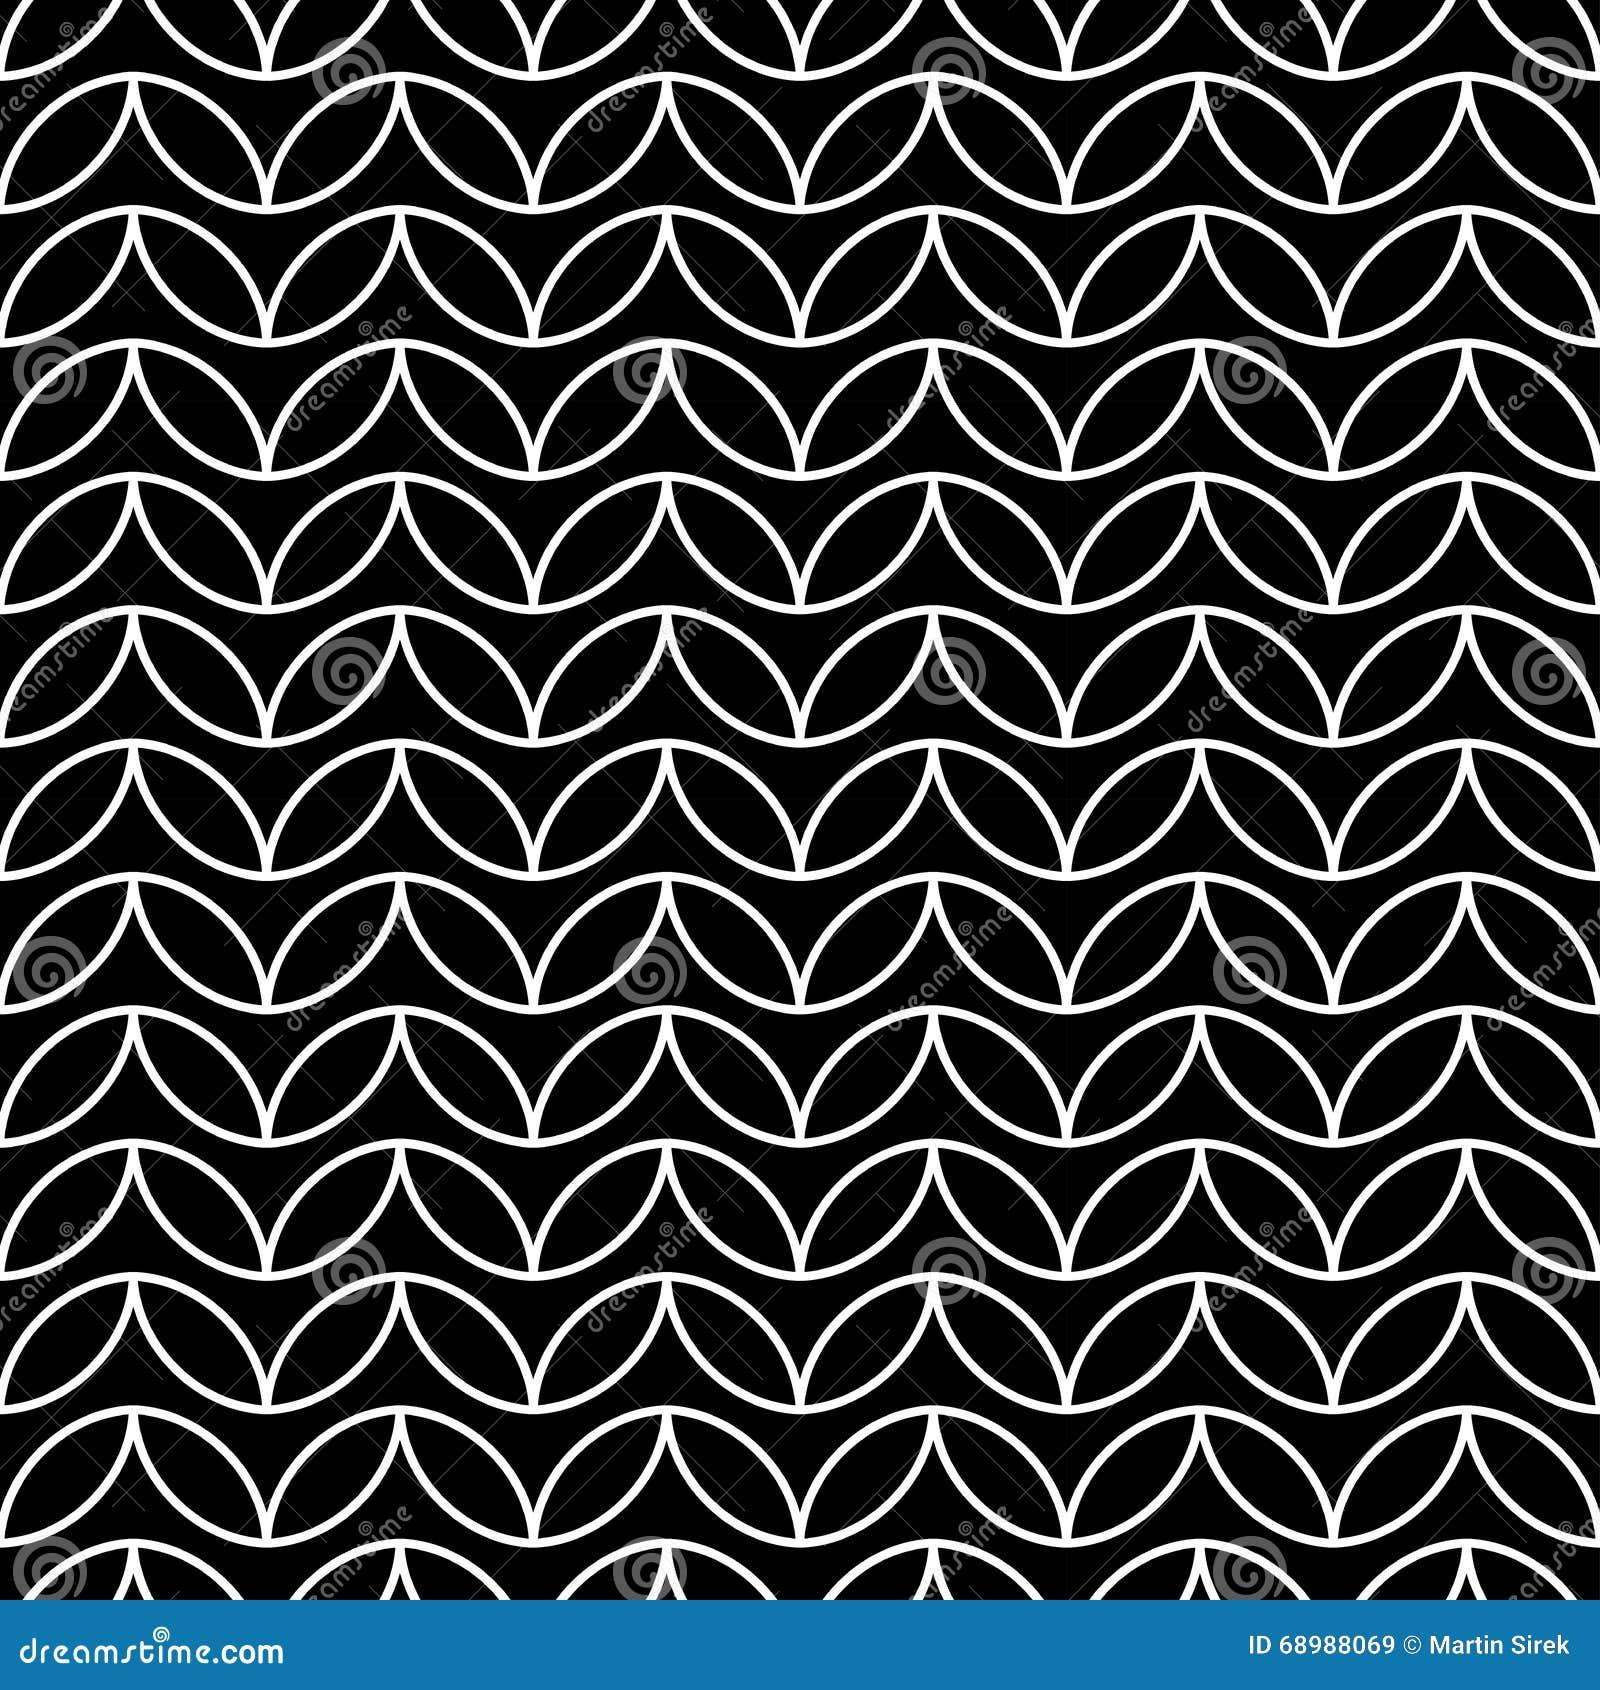 De vector moderne naadloze chevron van het meetkundepatroon, zwart-witte samenvatting